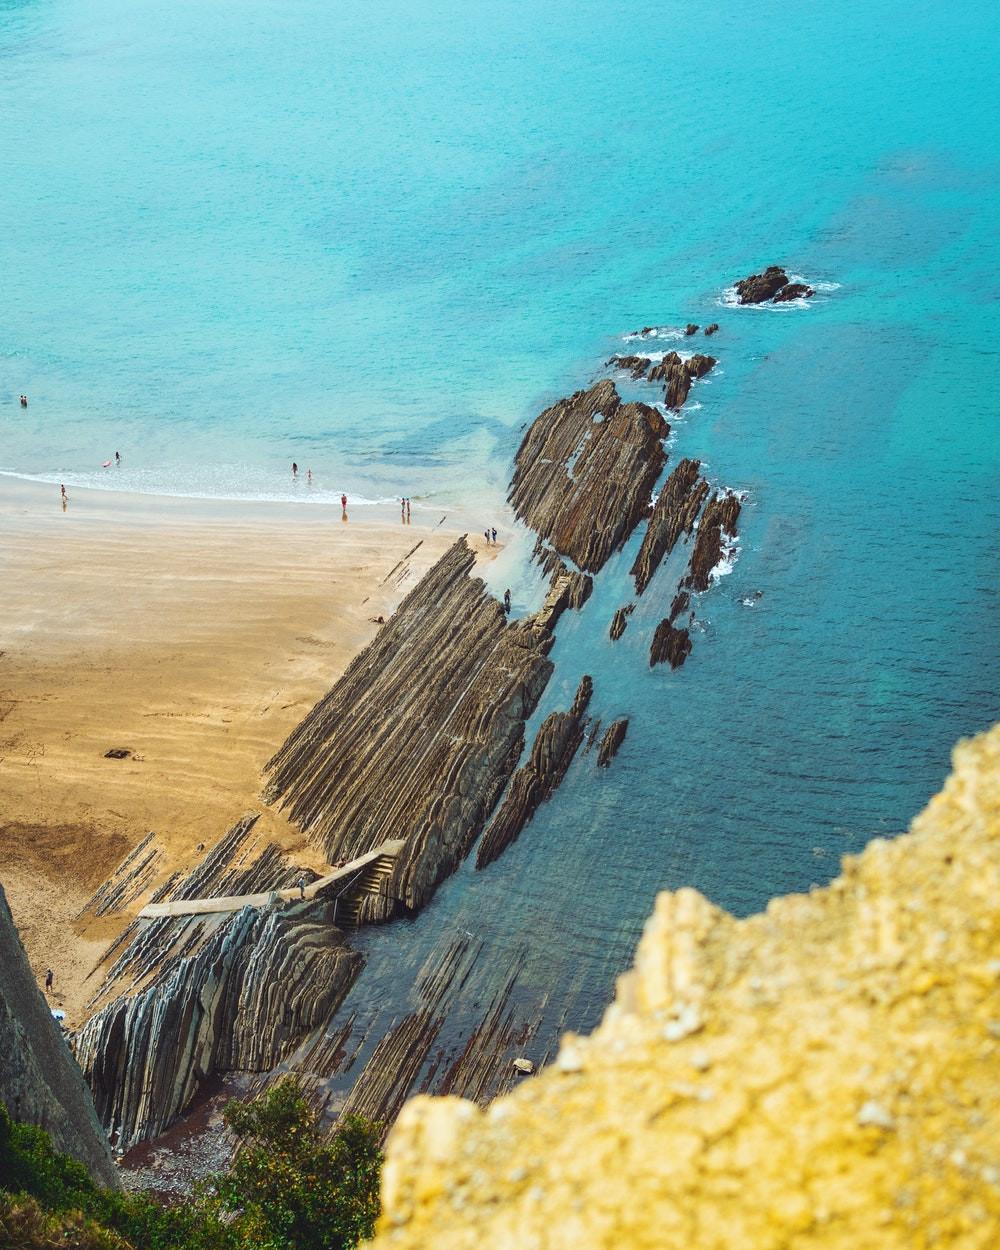 Game of Thrones location in Spain of The unique Itzurun Beach